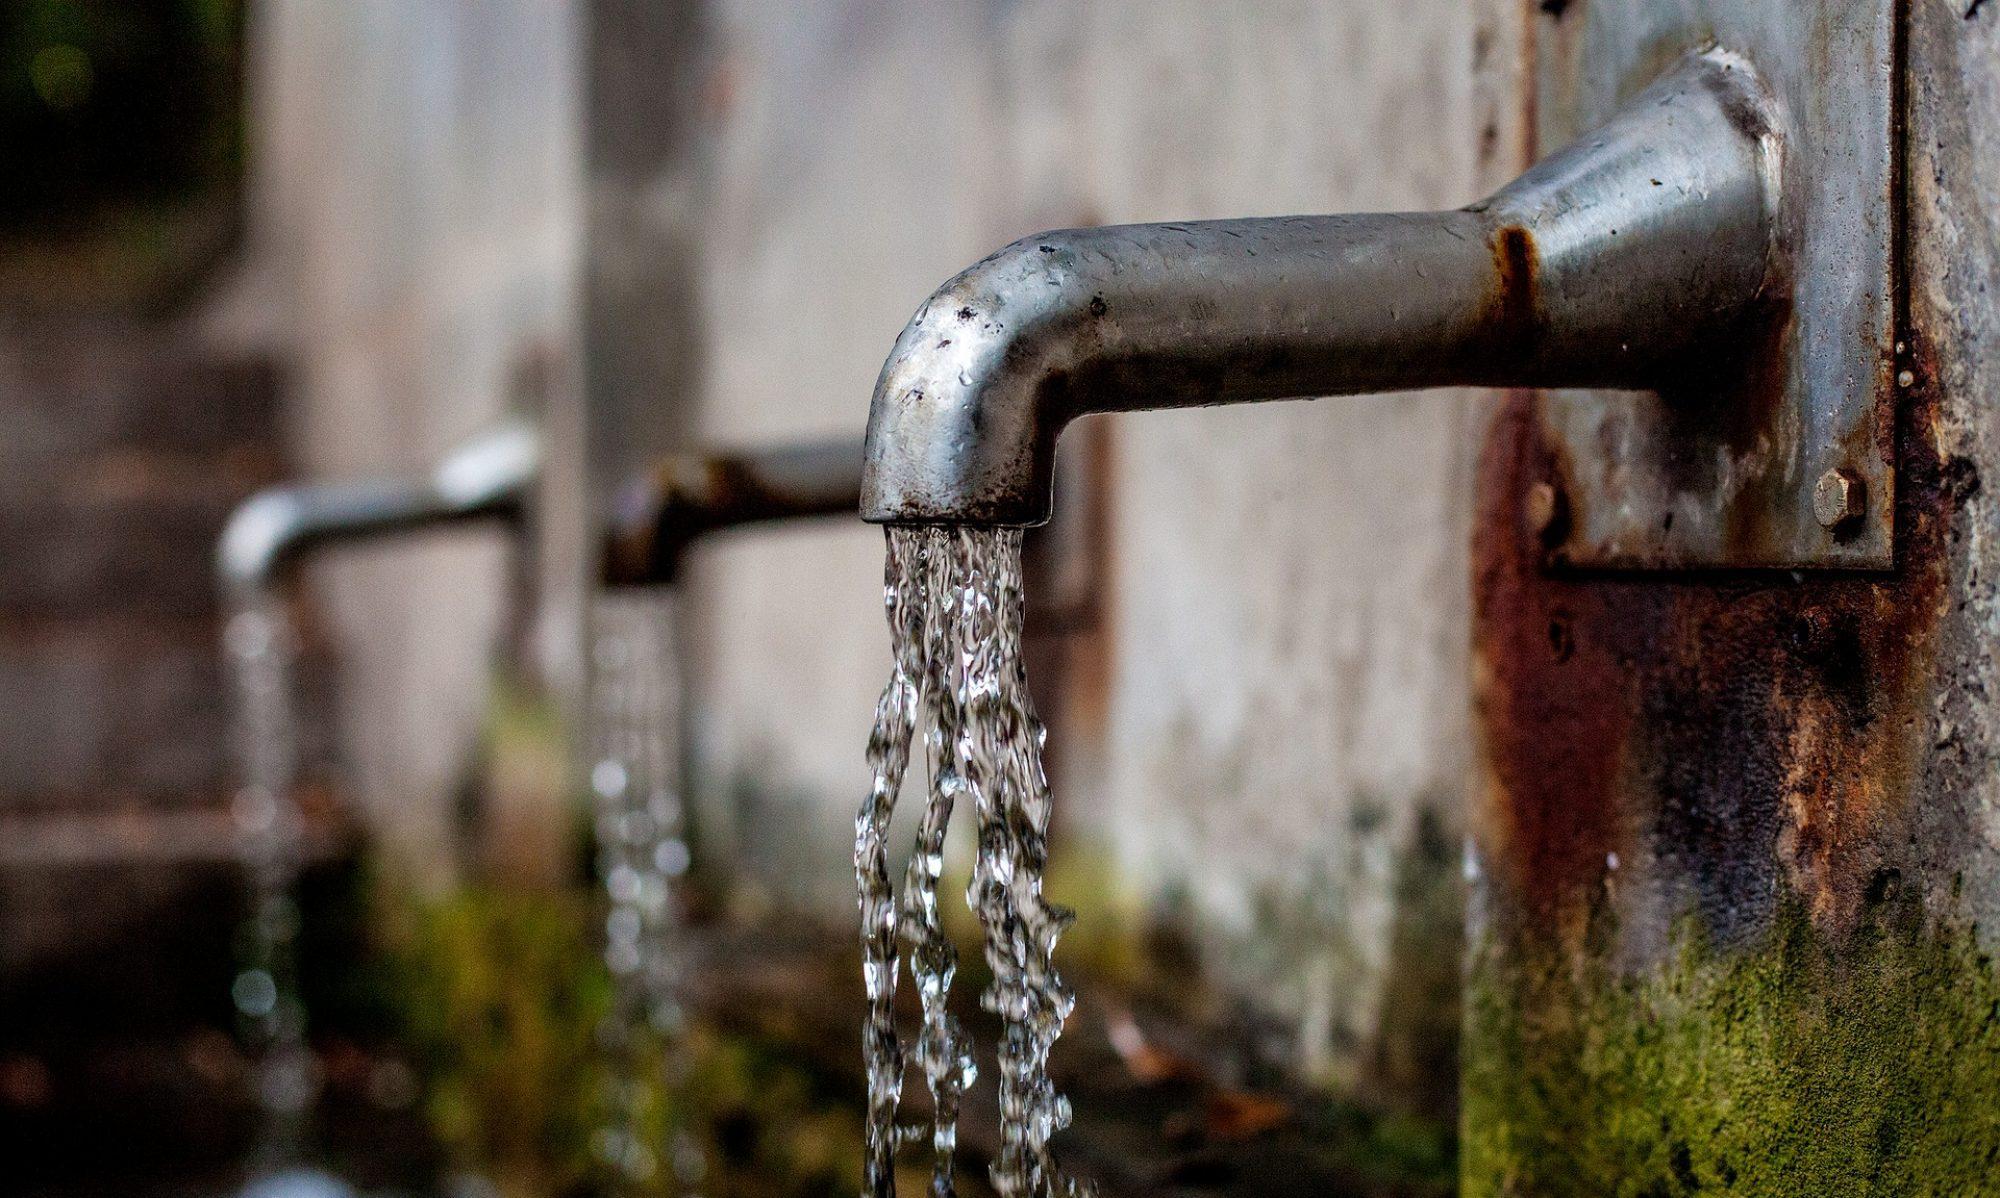 Drinkwaterkaart